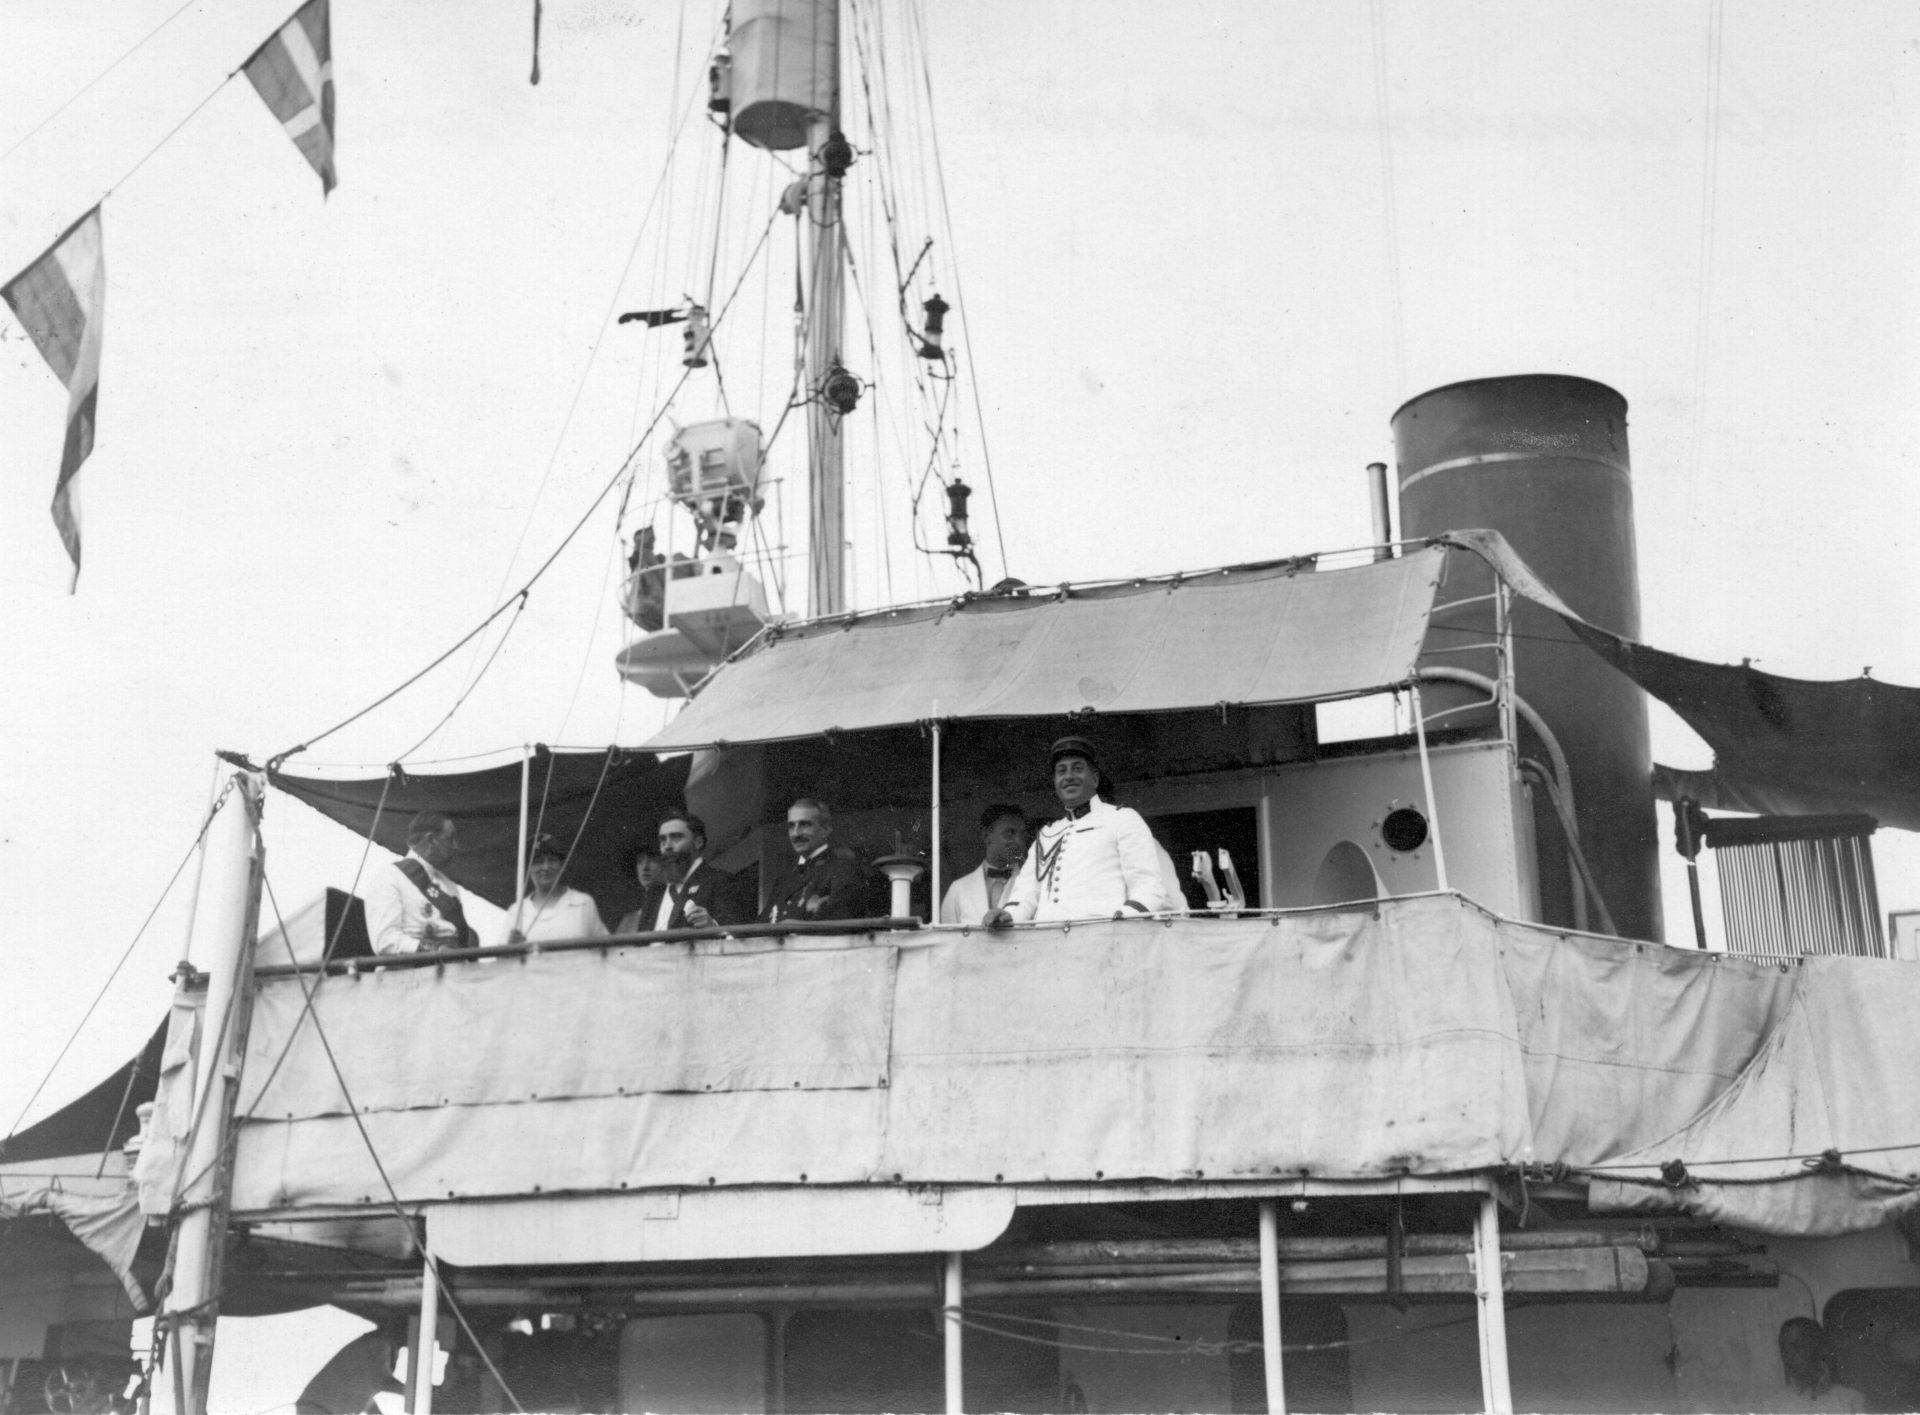 La cannonière arrive à Pnom-Penh